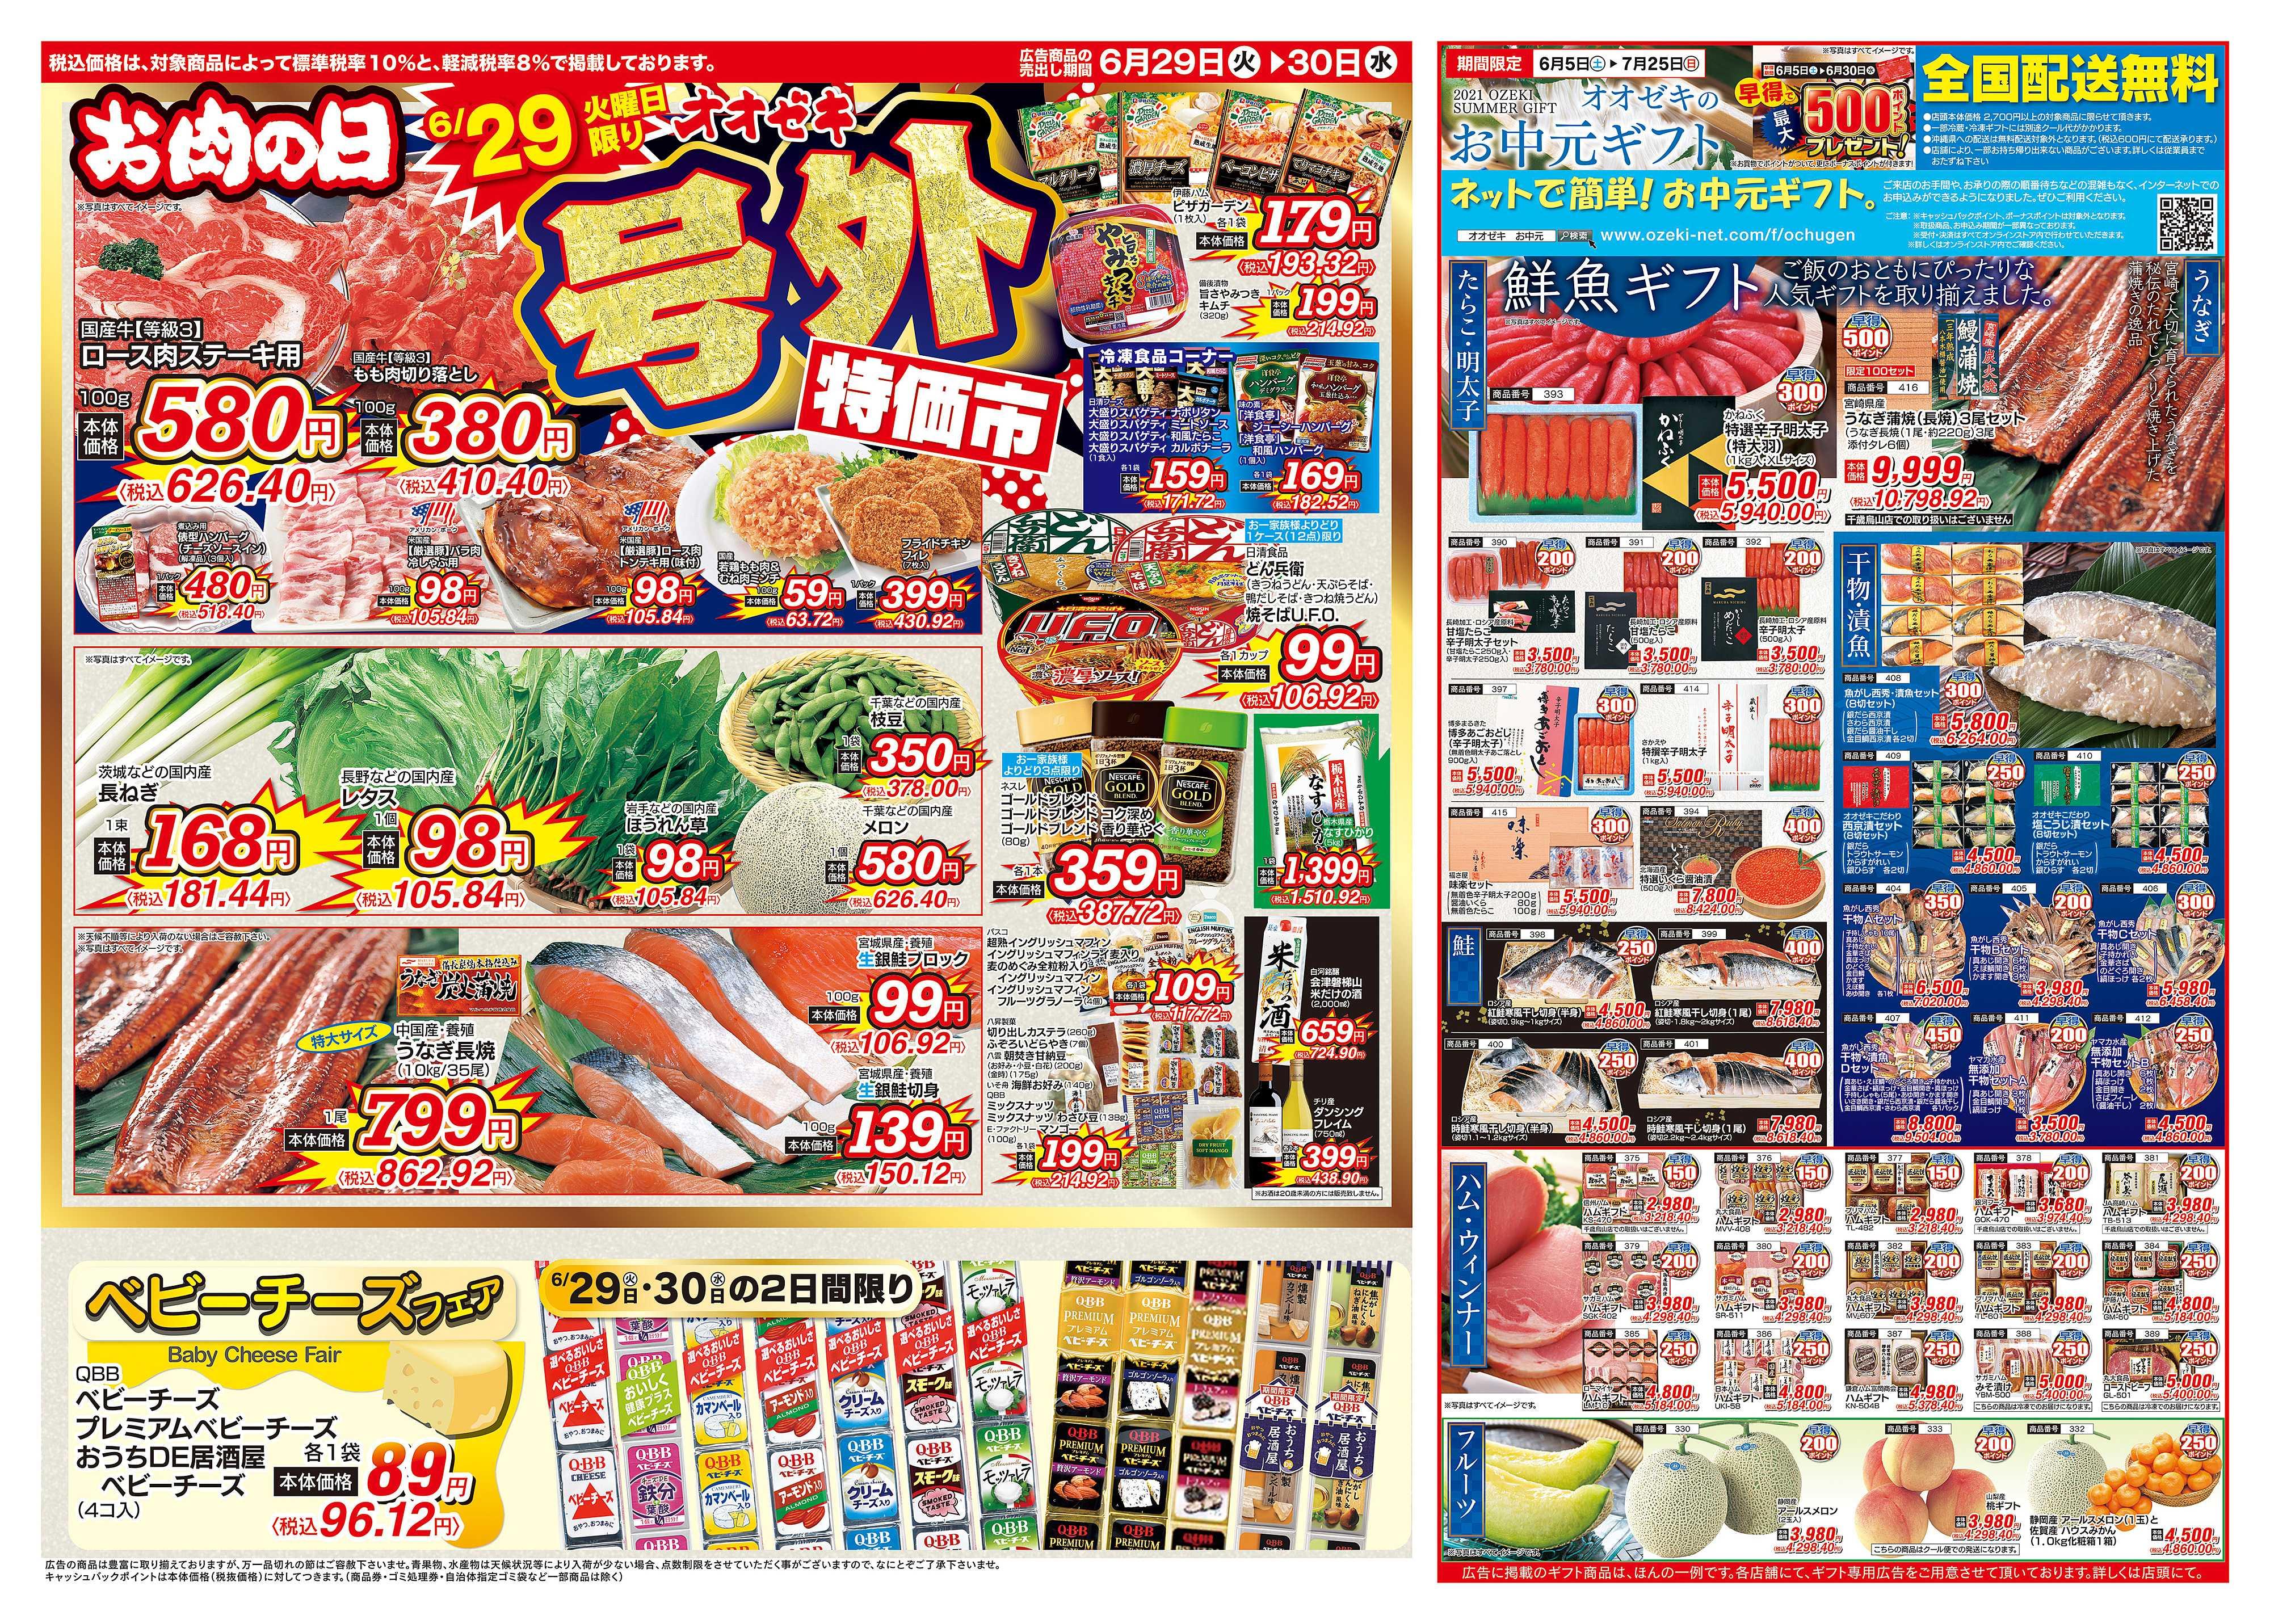 オオゼキ 6/29(火)~6/30(水)2日間限り 号外特価市